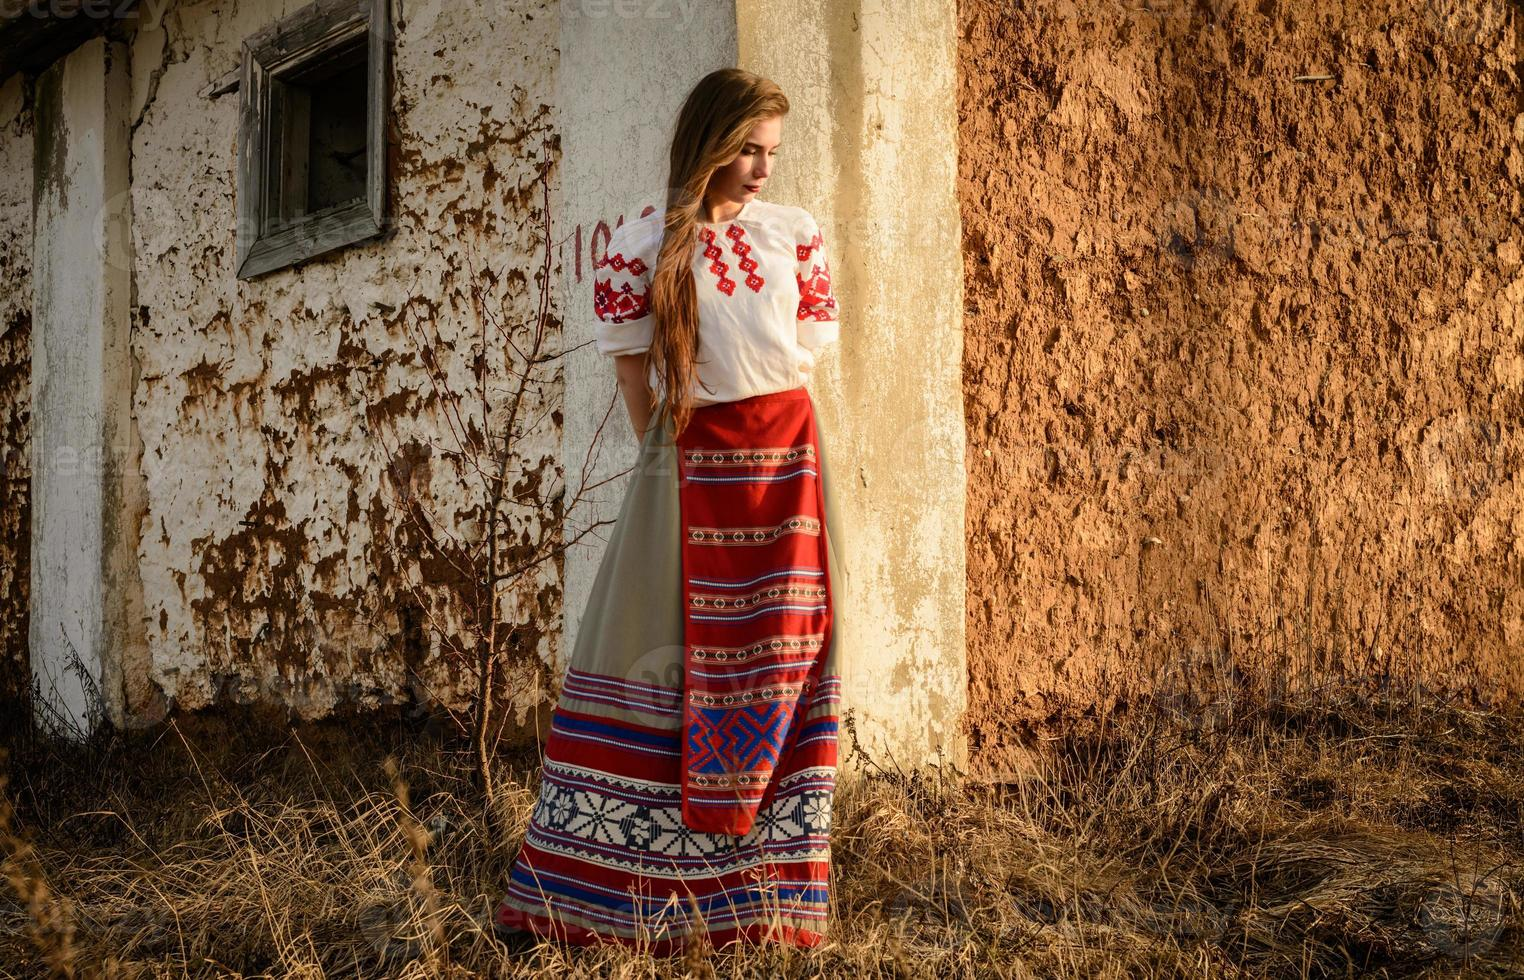 giovane donna in abito originale nazionale bielorusso slavo all'aperto foto